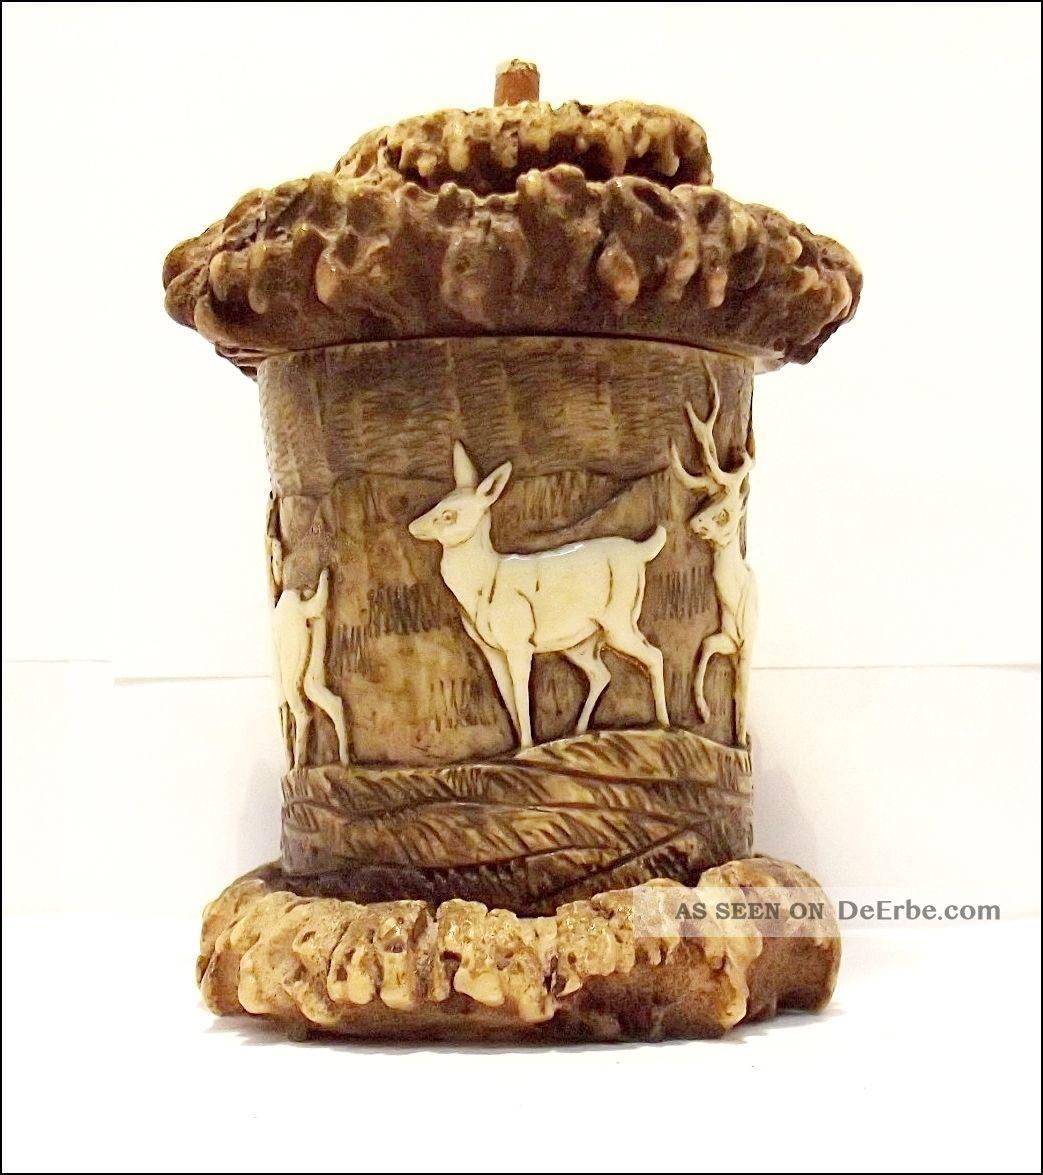 Schnupftabaksdose Aus Geweih,  Horn,  Verschnitzt Um 1900 Oder älter Beinarbeiten Bild